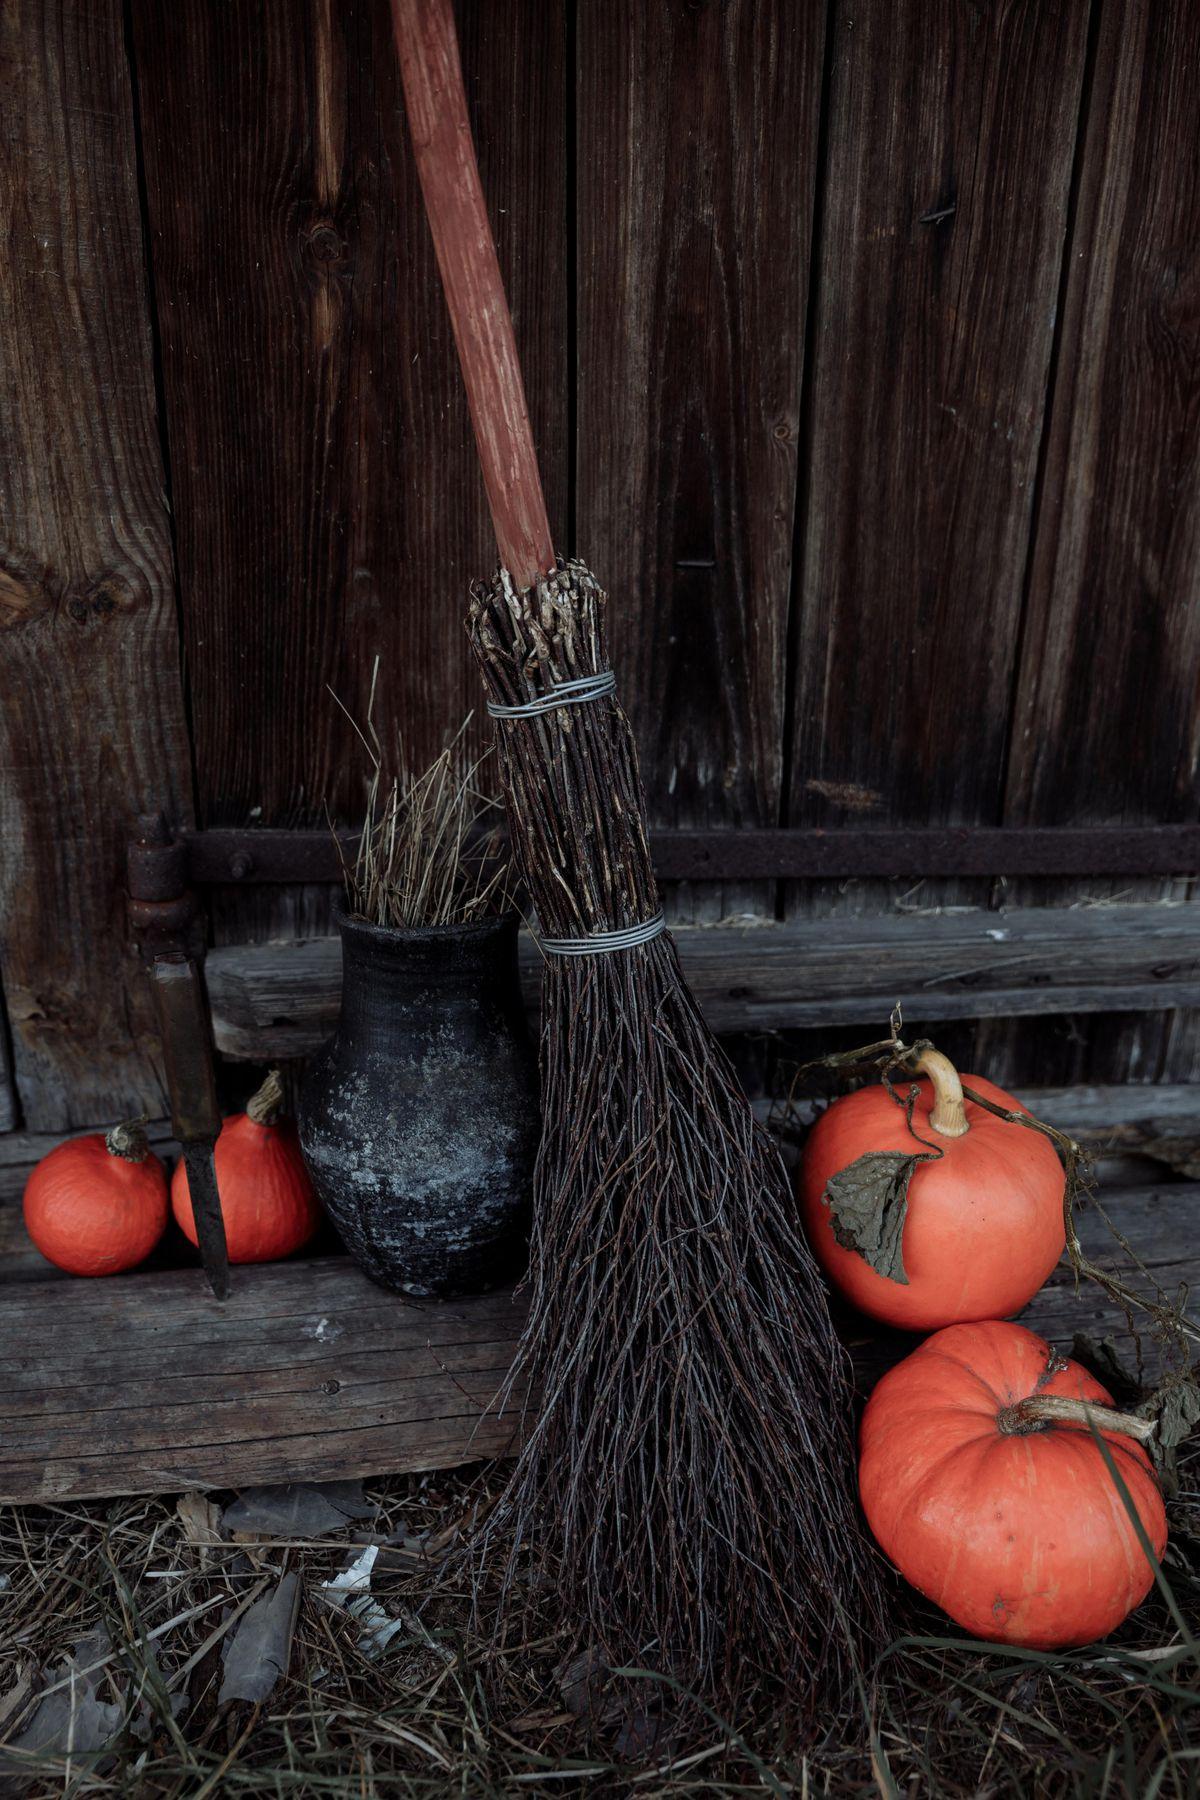 Pumpkin picking for spooky fun at Shrewsbury farm